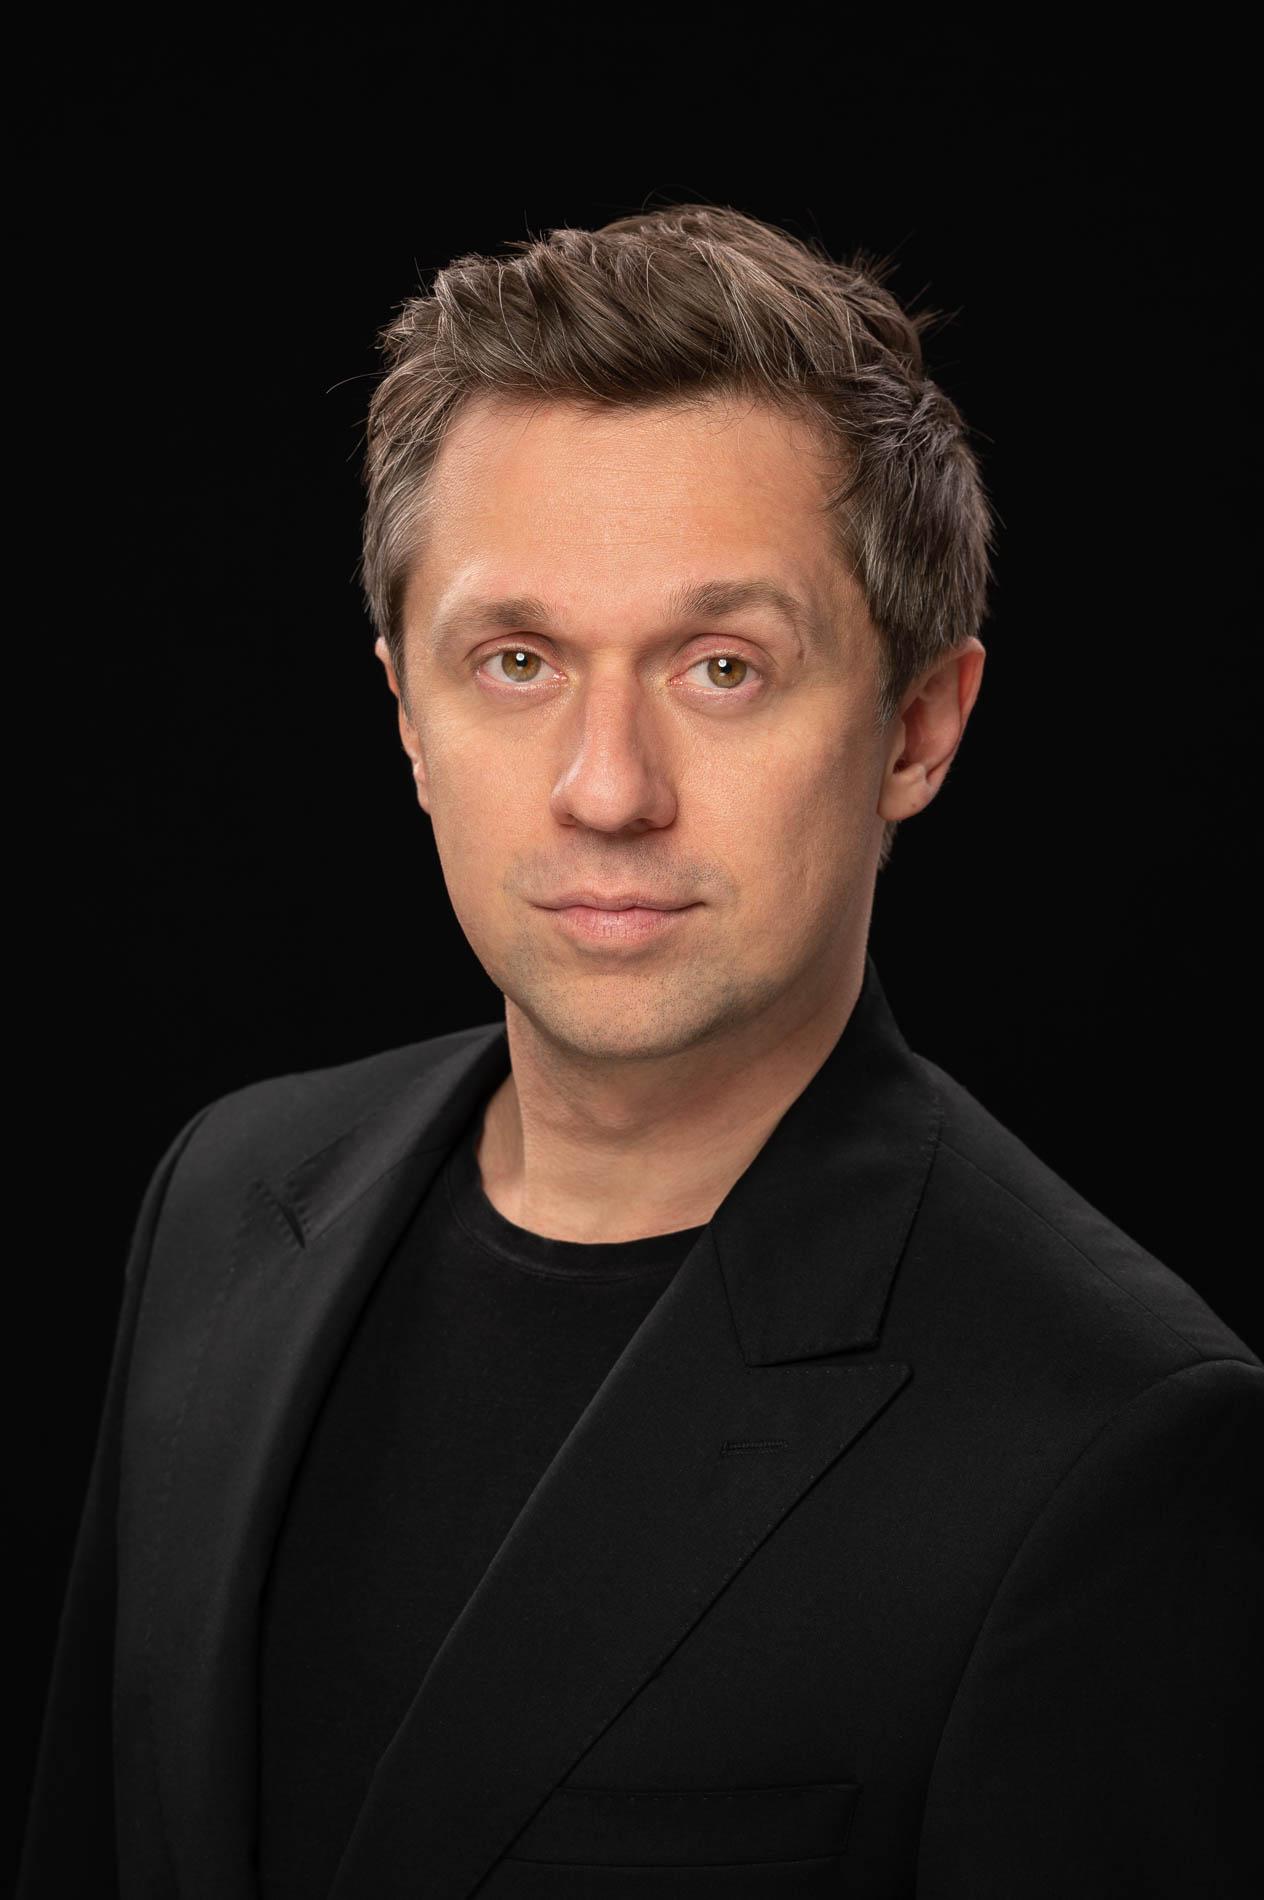 Jacek Kamiński, Creative Director